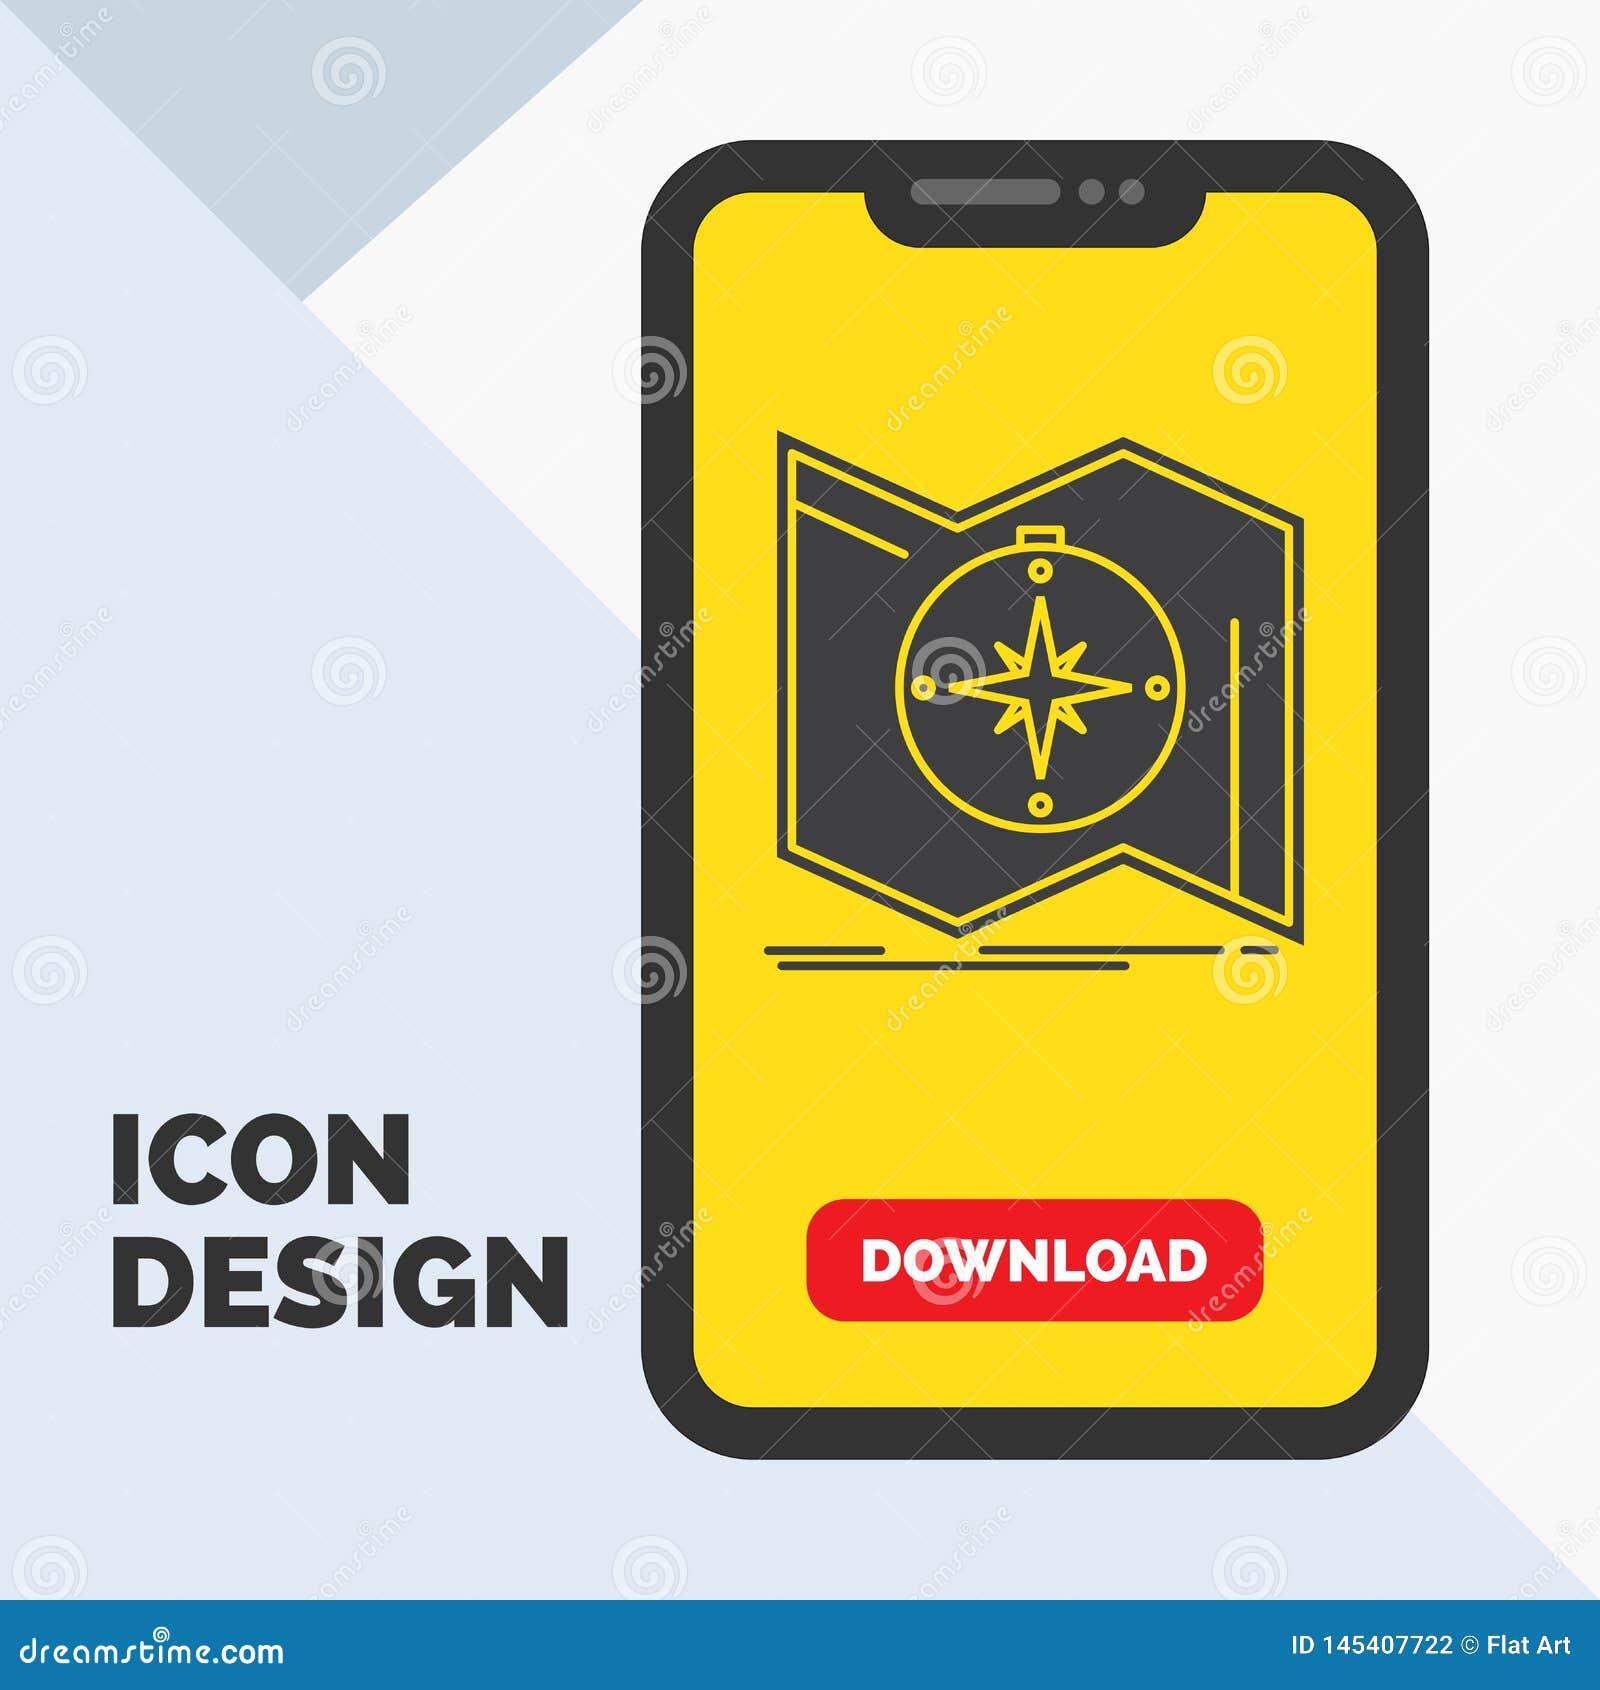 La direzione, esplora, traccia, traversa, icona di glifo di navigazione in cellulare per la pagina di download Fondo giallo